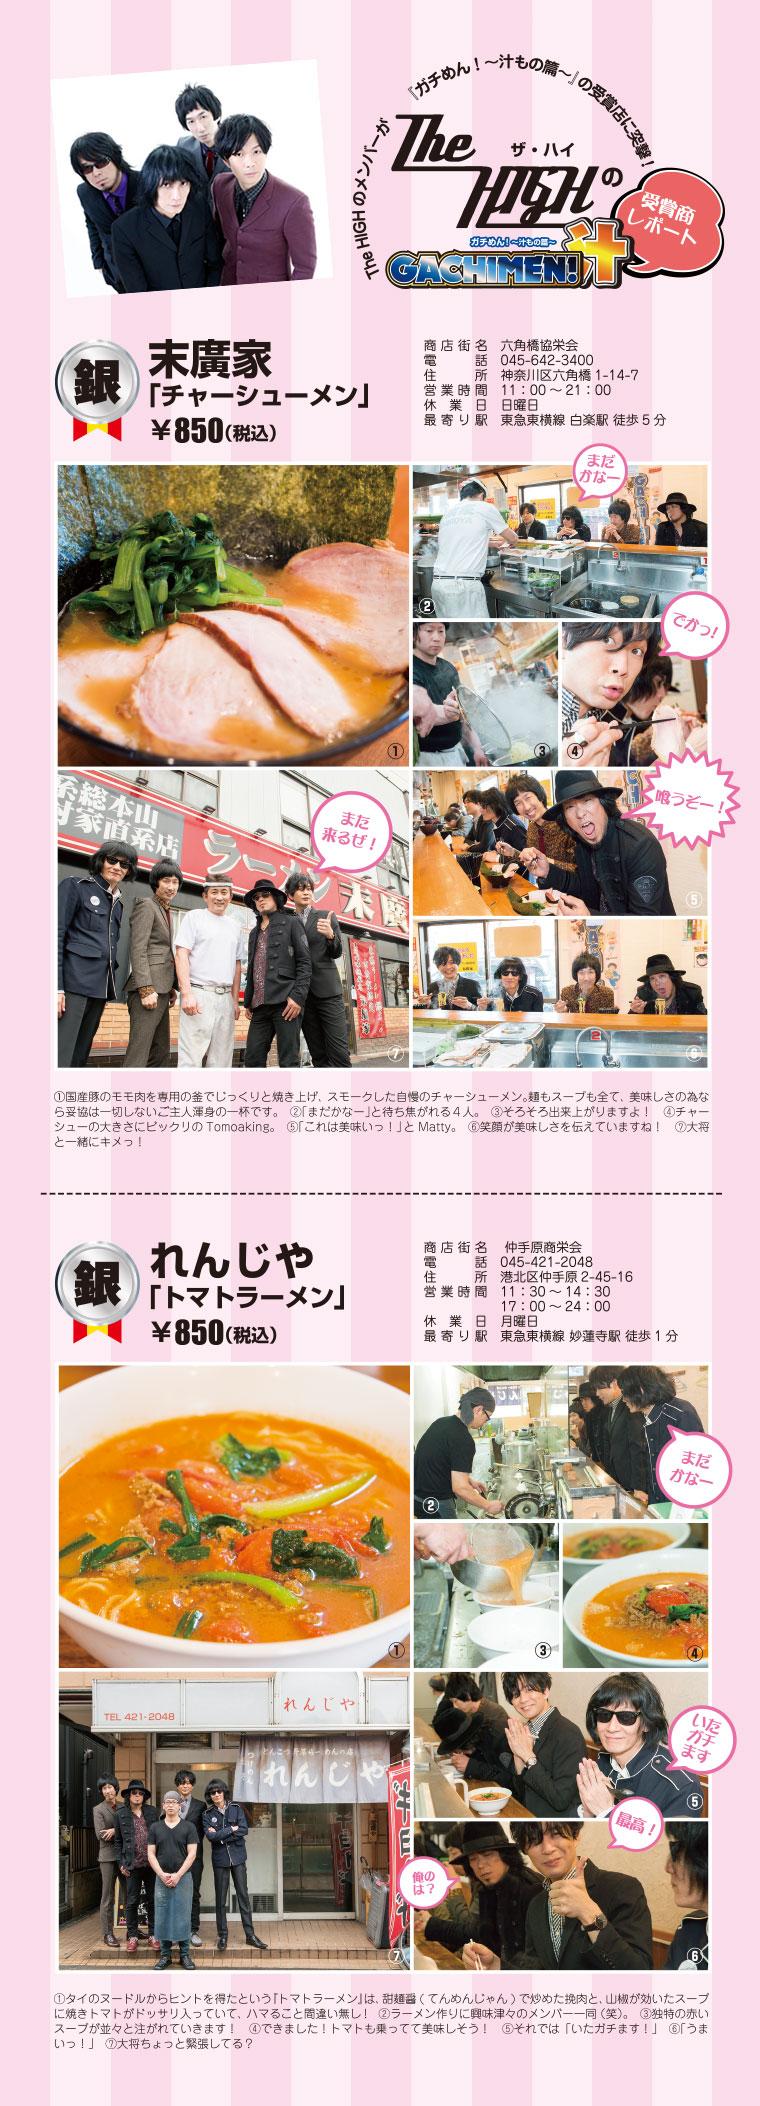 The HIGHのガチめん!~汁もの篇~受賞商品レポート!